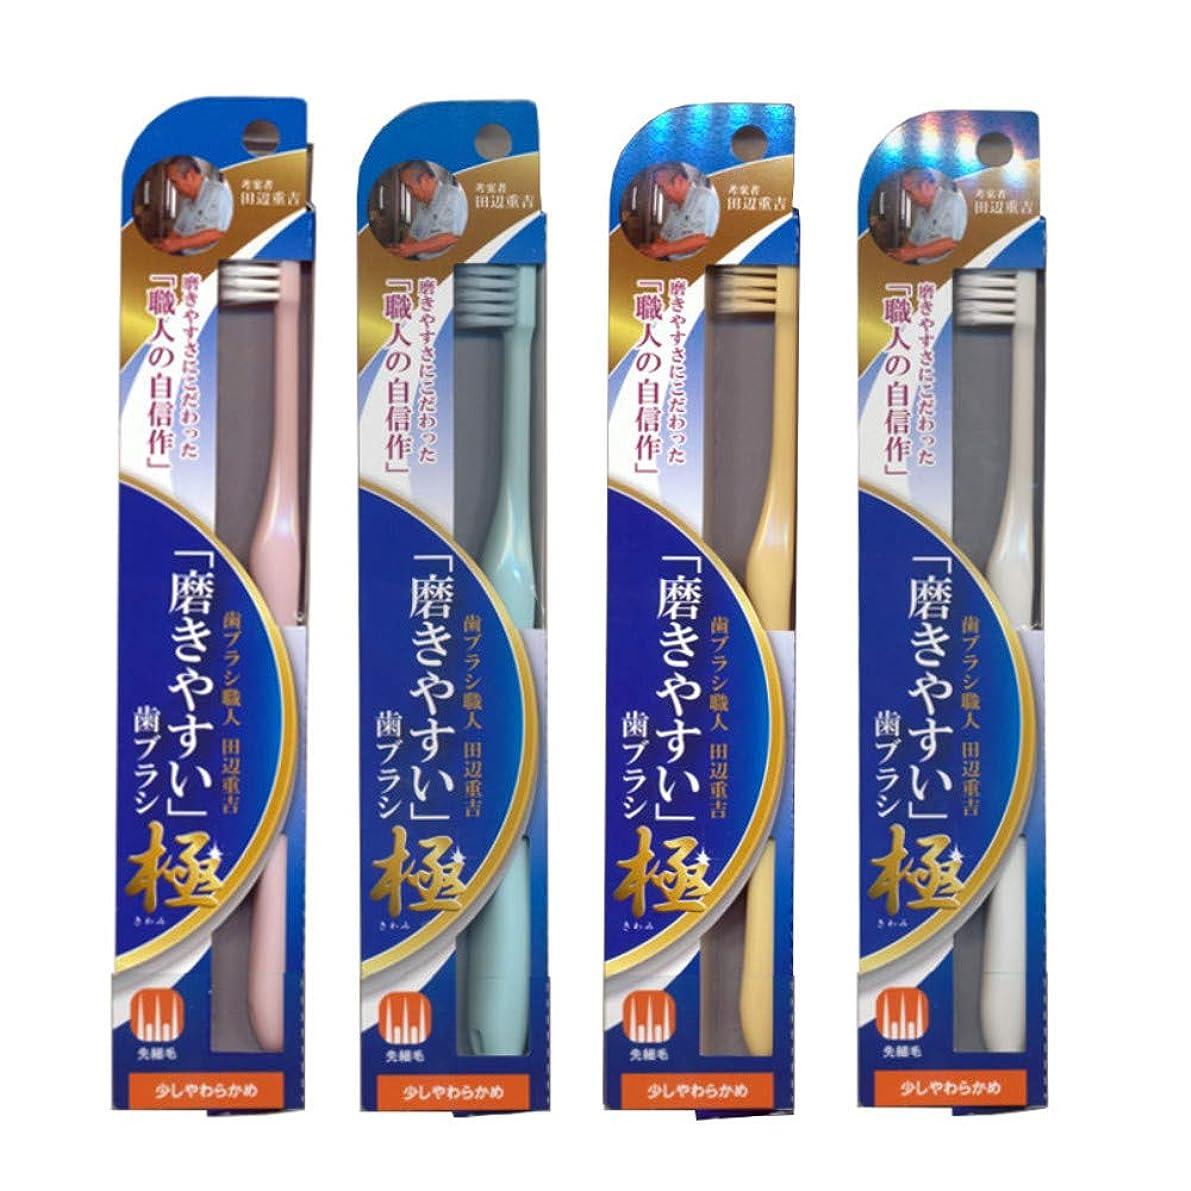 不十分なフットボールマーカー磨きやすい歯ブラシ極 (少し柔らかめ) LT-43×12本セット(ピンク×3、ブルー×3、ホワイト×3、イエロー×3) 先細毛